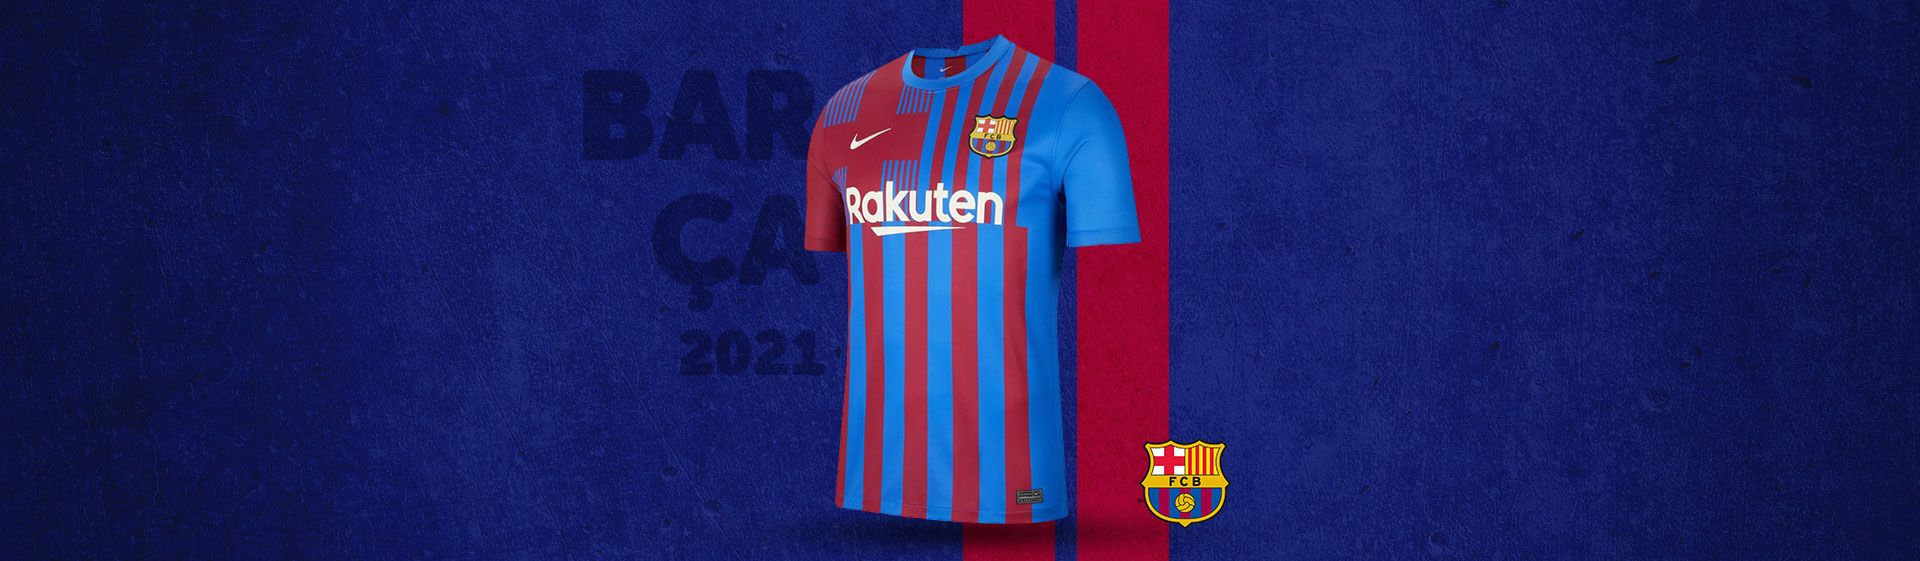 Camisa do Barcelona: camisas do Barcelona para comprar em 2021